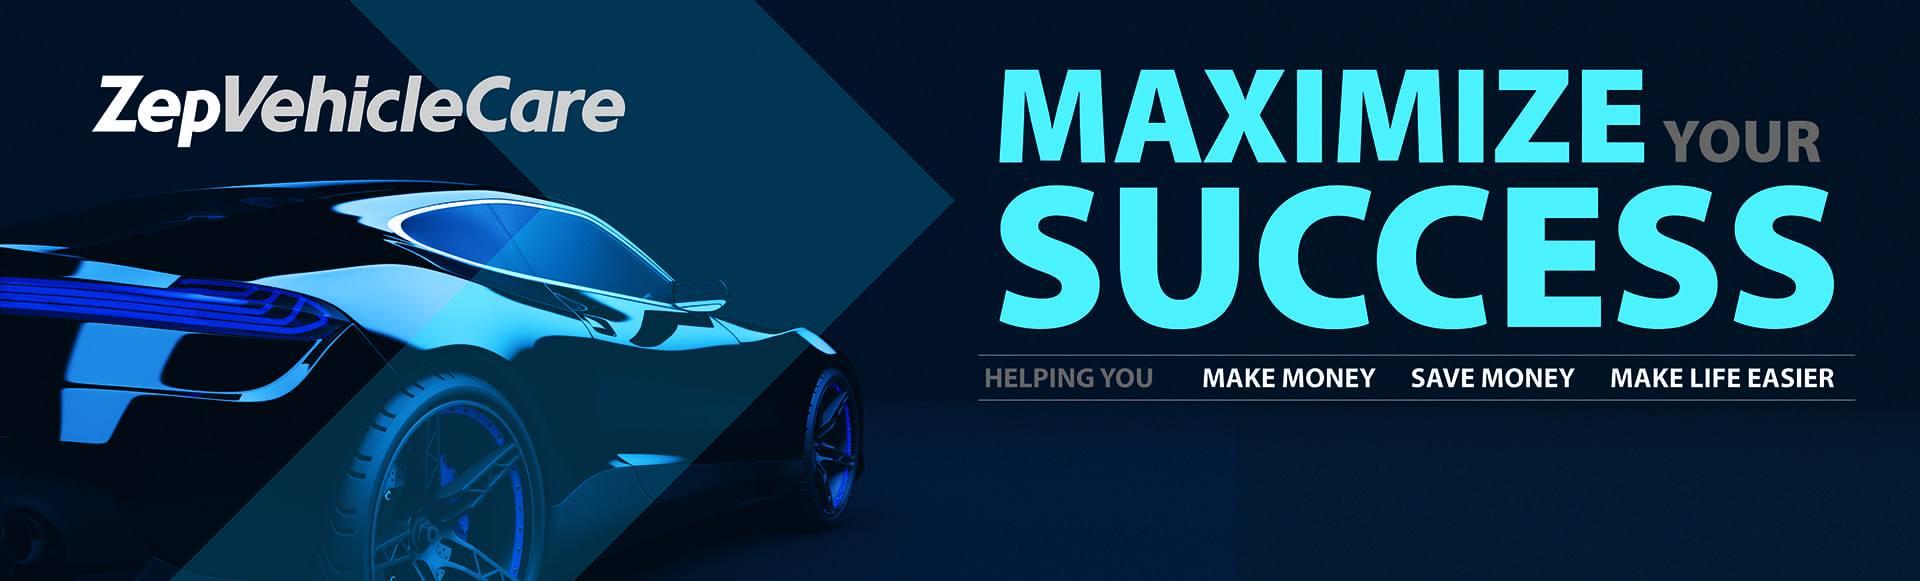 maximize-your-success.jpg